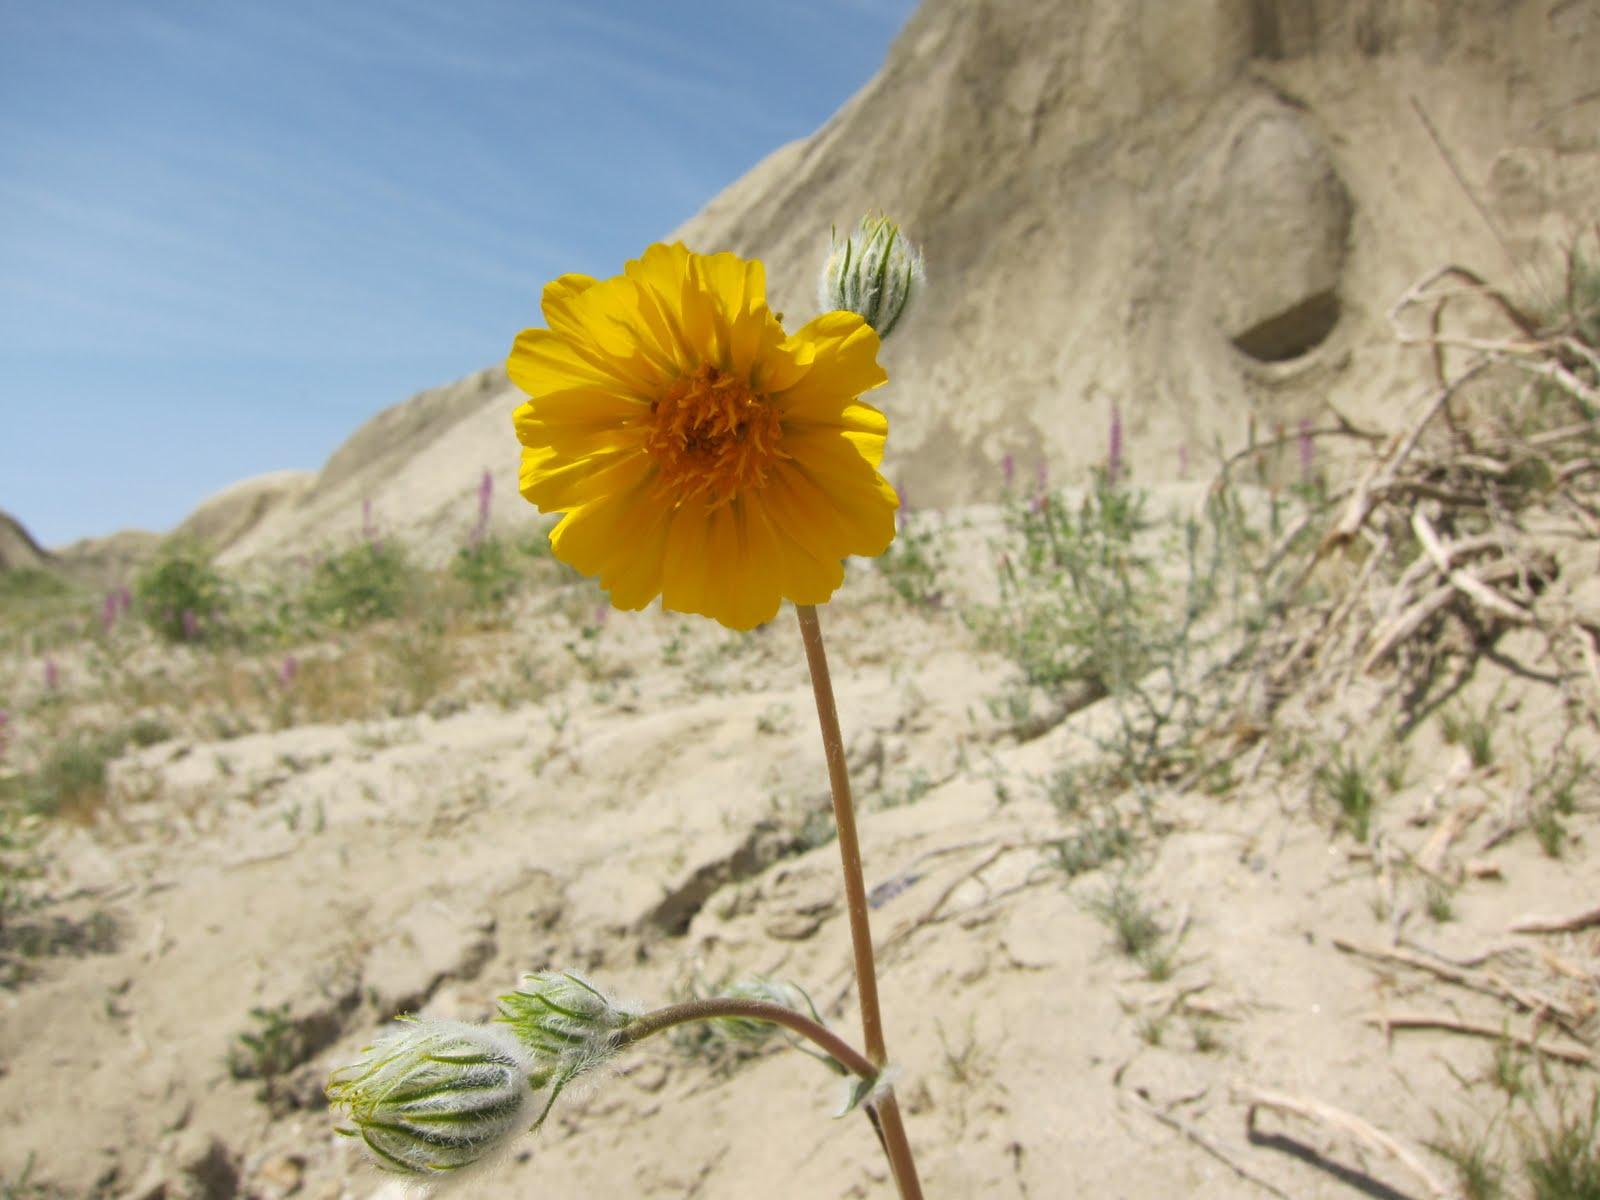 Lone Desert Sunflower in Arroyo Tapiado